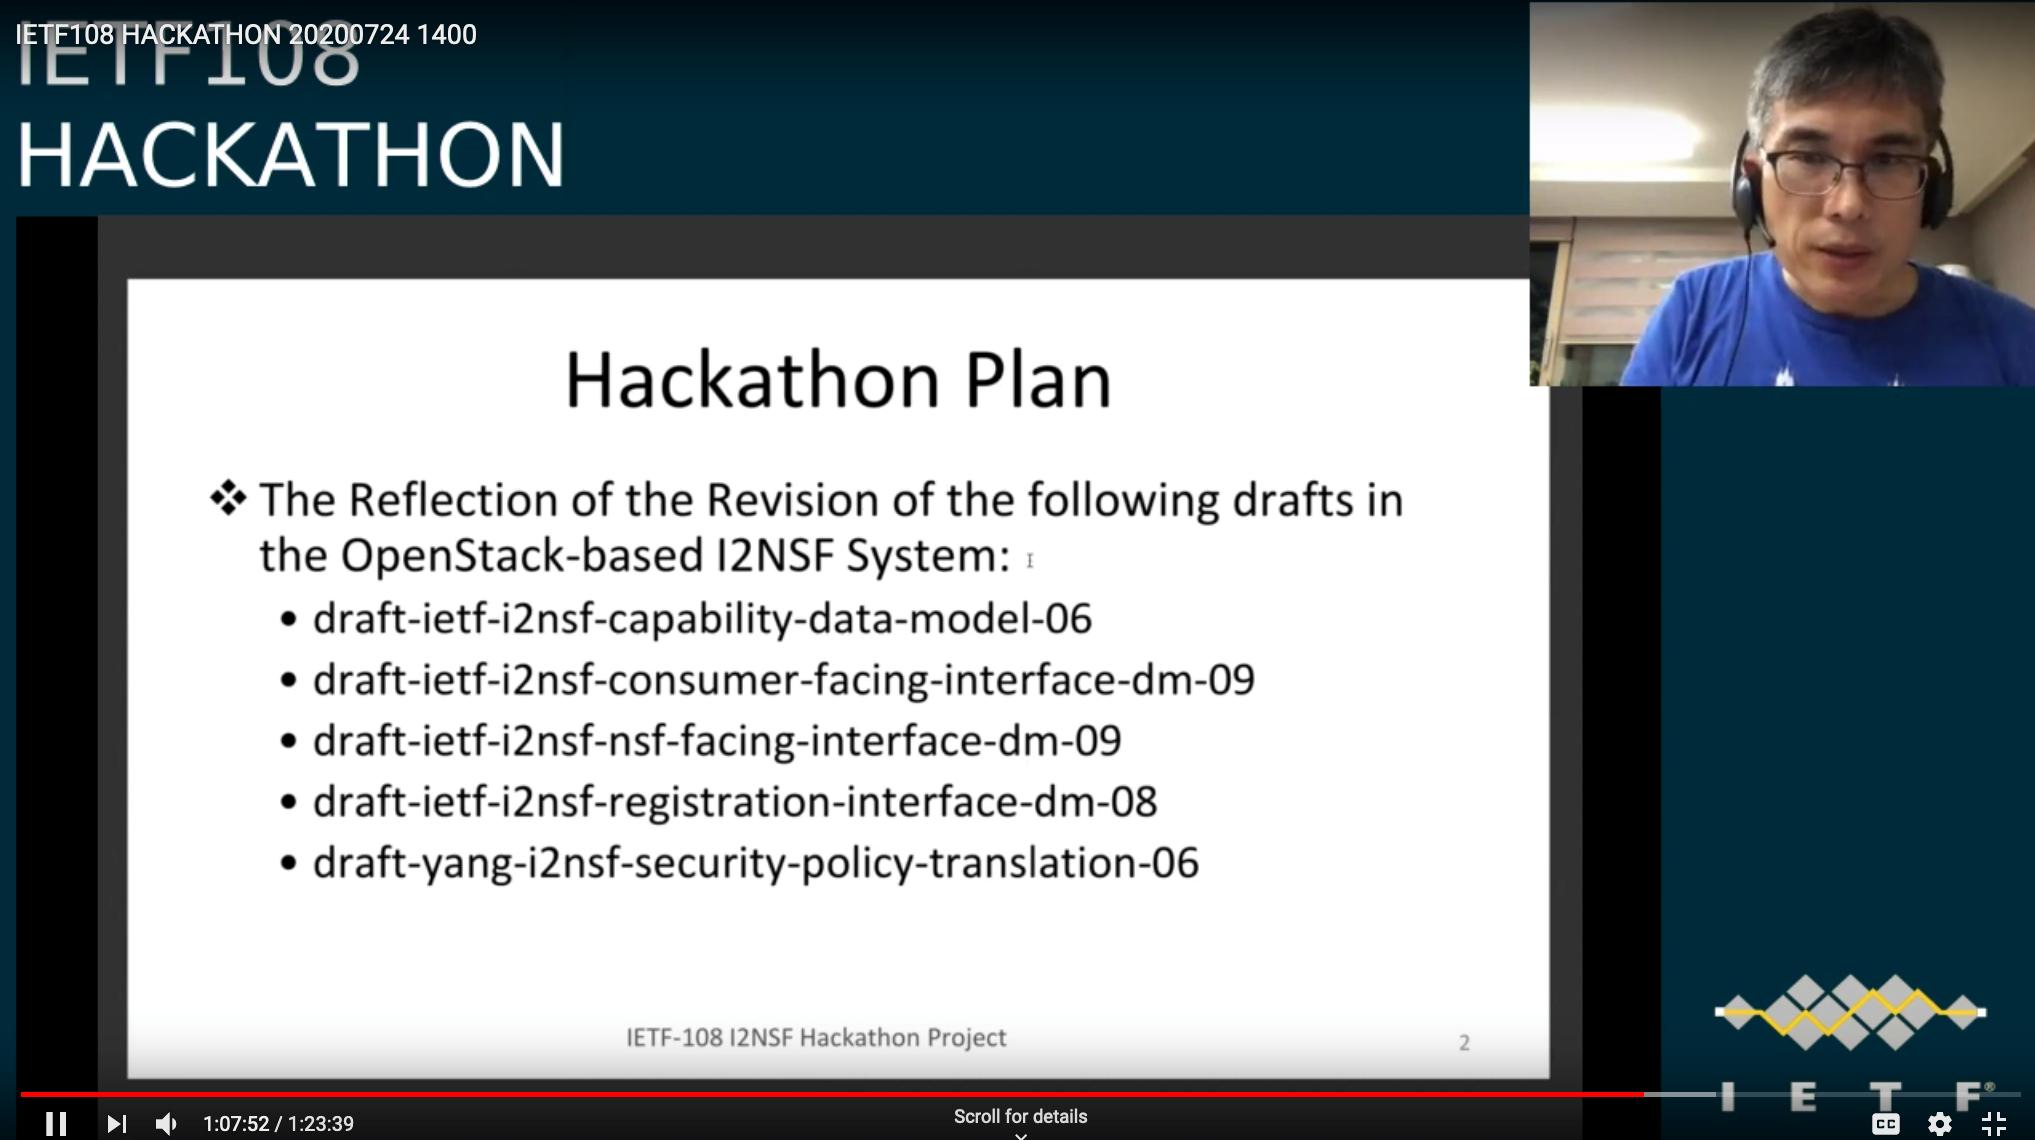 IETF 108 hackathon